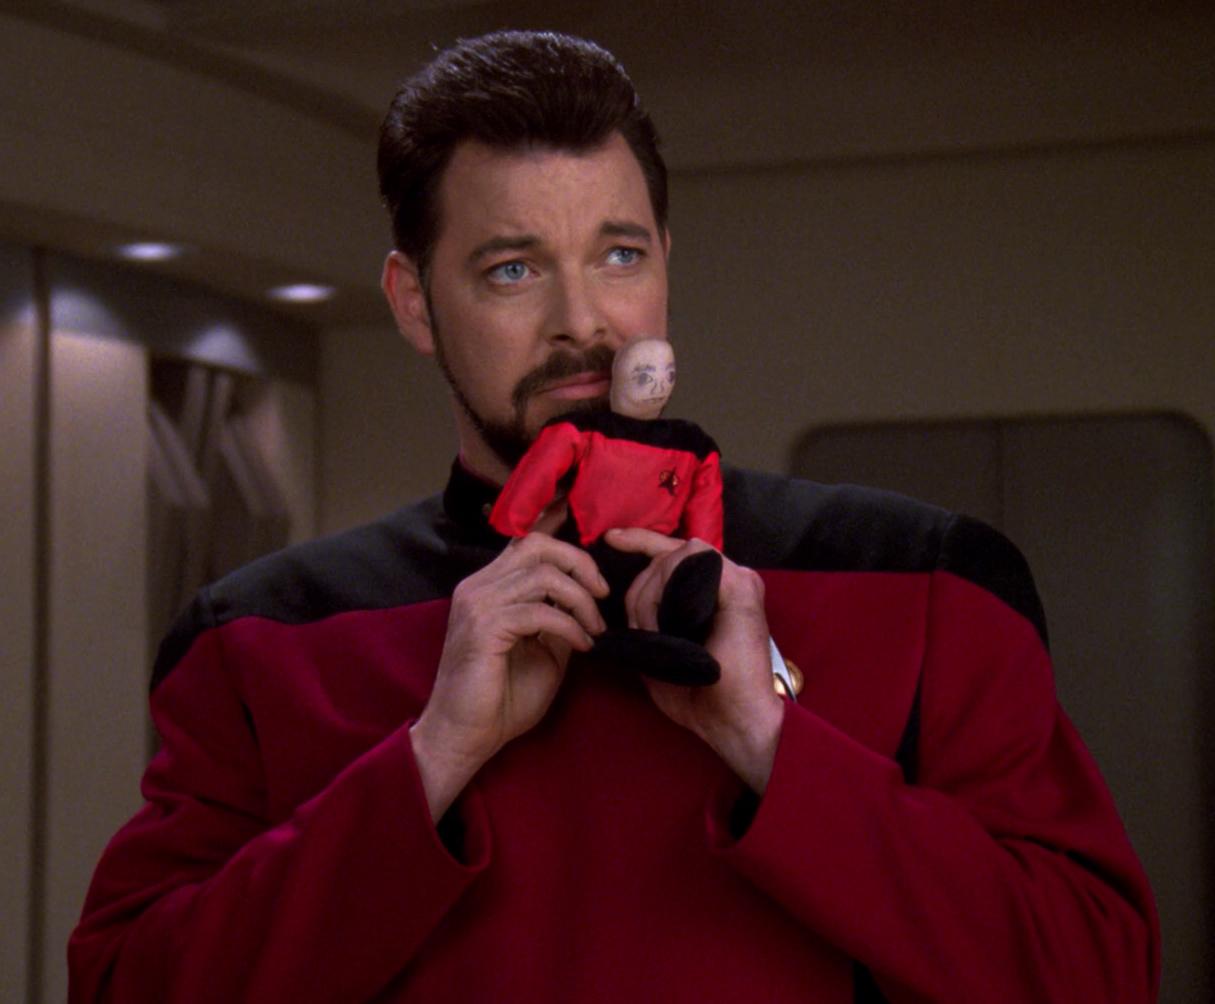 [Image: Riker_imitates_Picard.jpg]